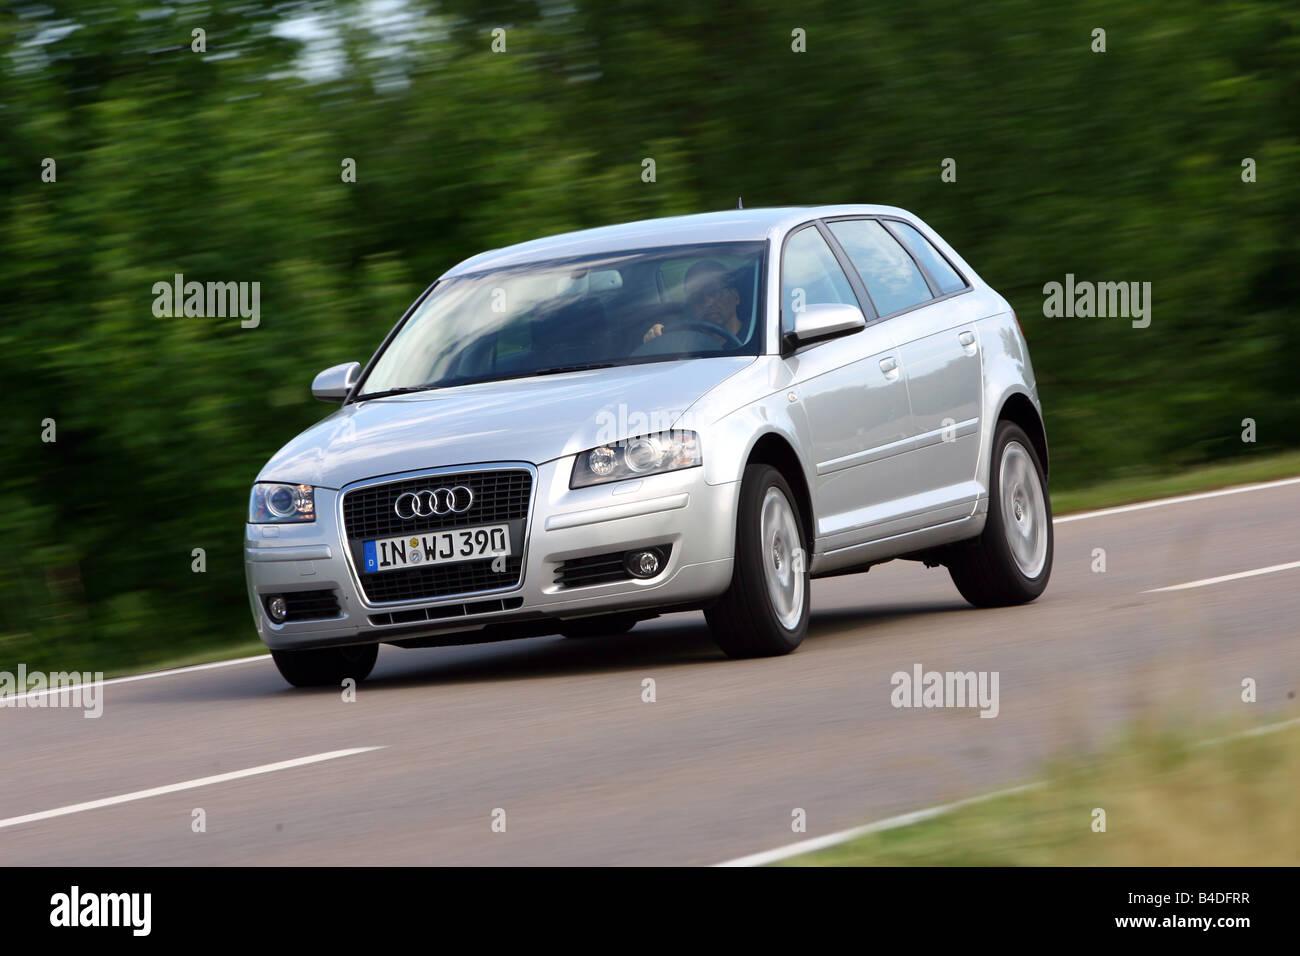 Kelebihan Audi A3 Sportback 2007 Top Model Tahun Ini